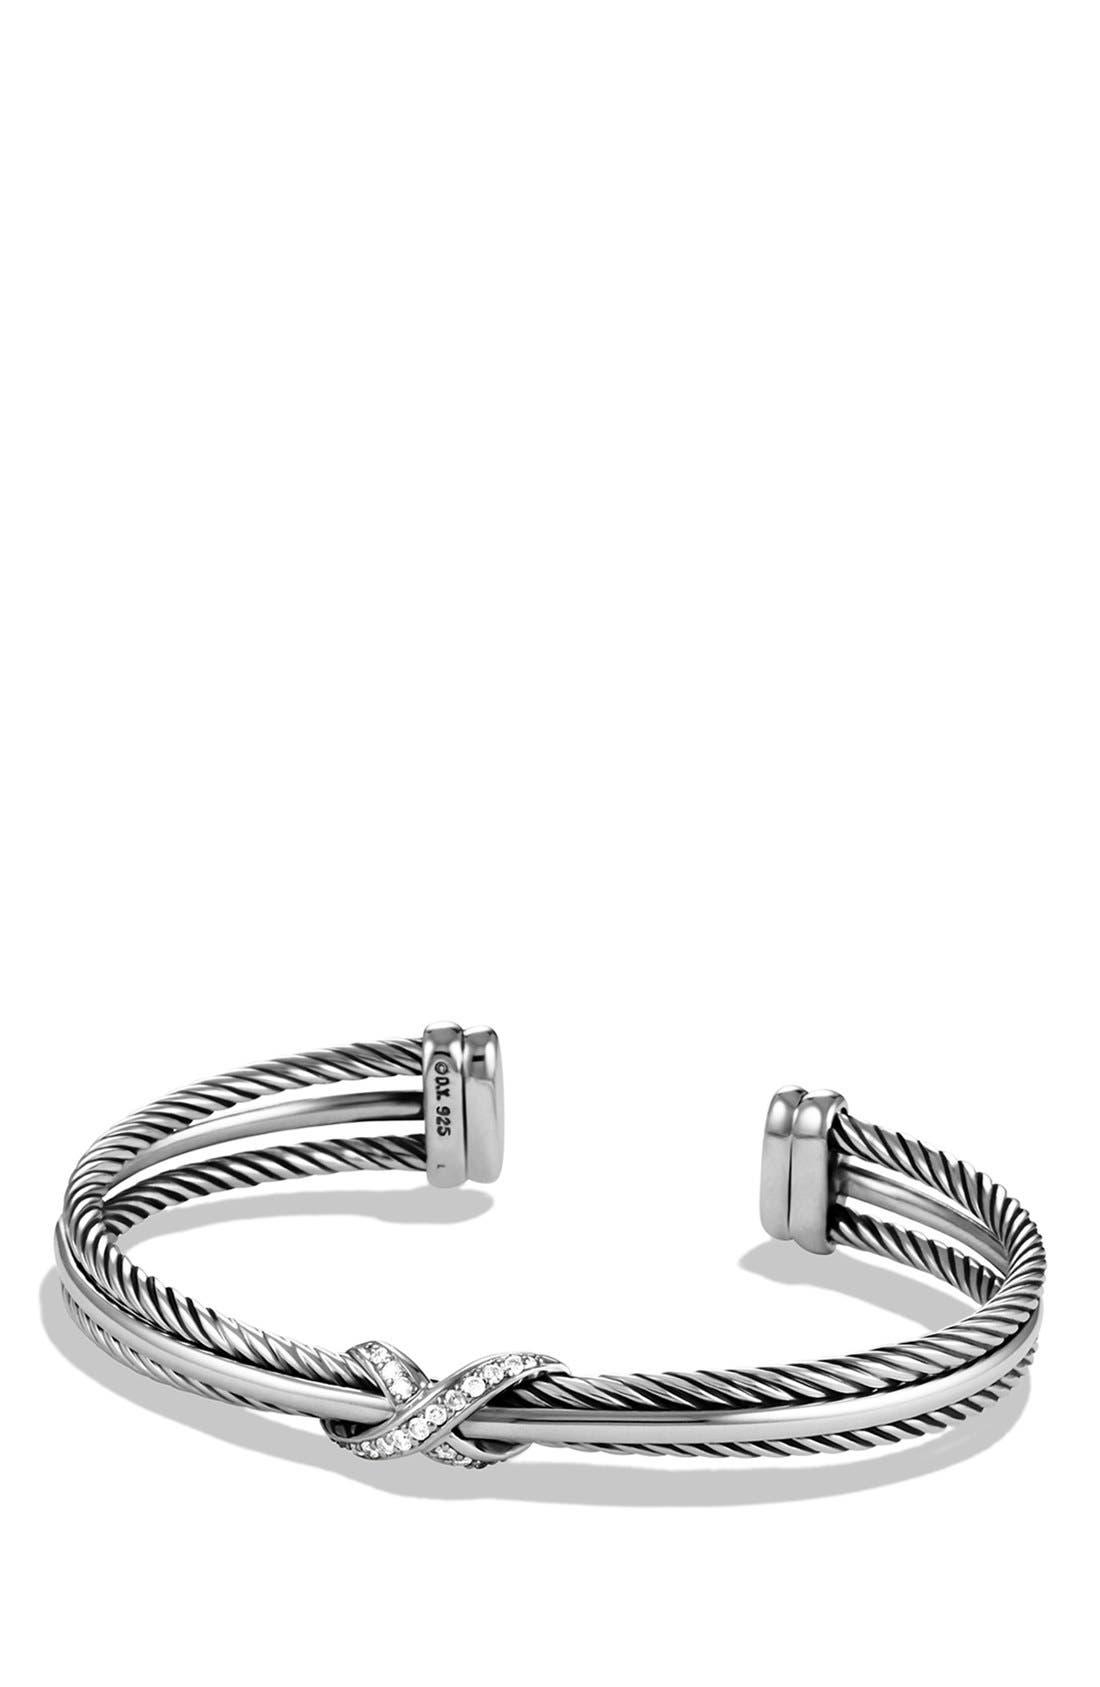 'X' Crossover Cuff with Diamonds,                         Main,                         color, Diamond